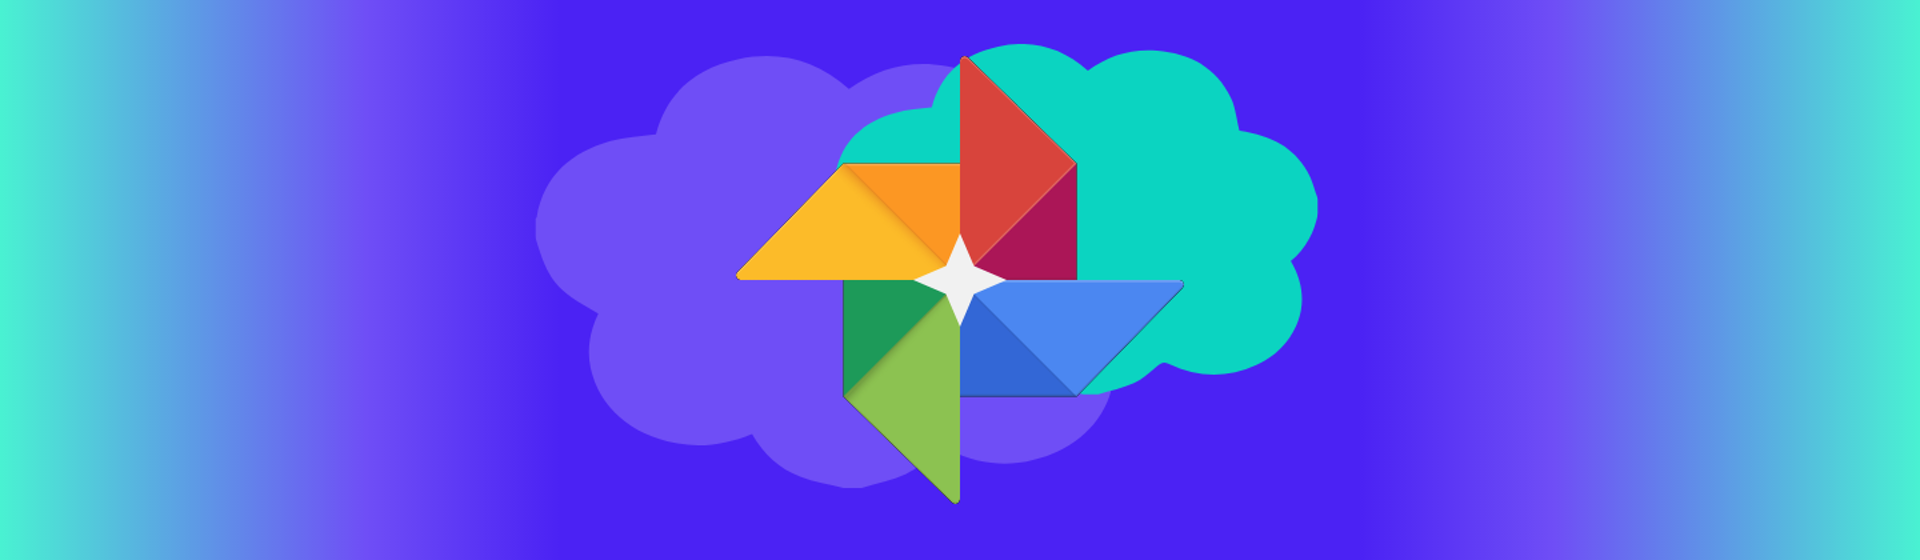 ¿Cuáles son los cambios en el almacenamiento de Google Fotos? ¡Adiós al almacenamiento ilimitado gratuito!